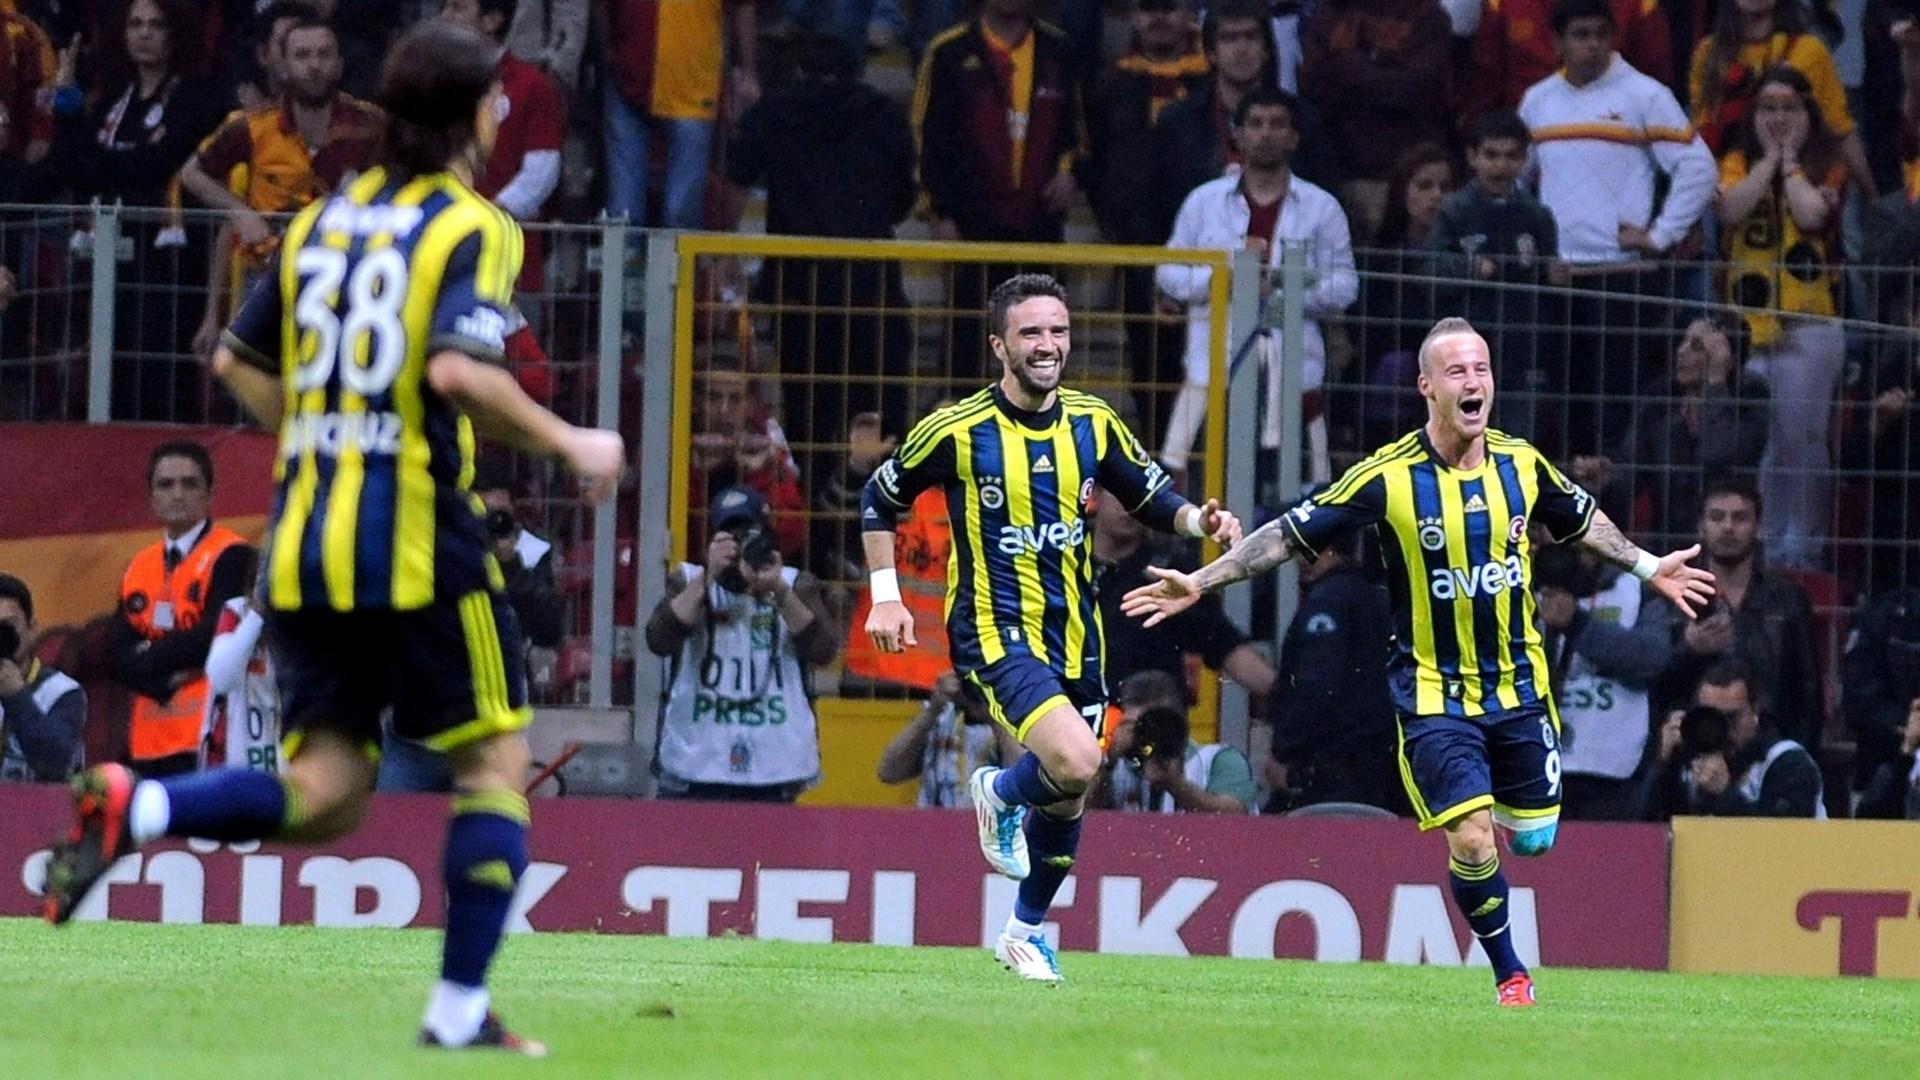 Galatasaray_Fenerbahce_Miroslav Stoch_Goal